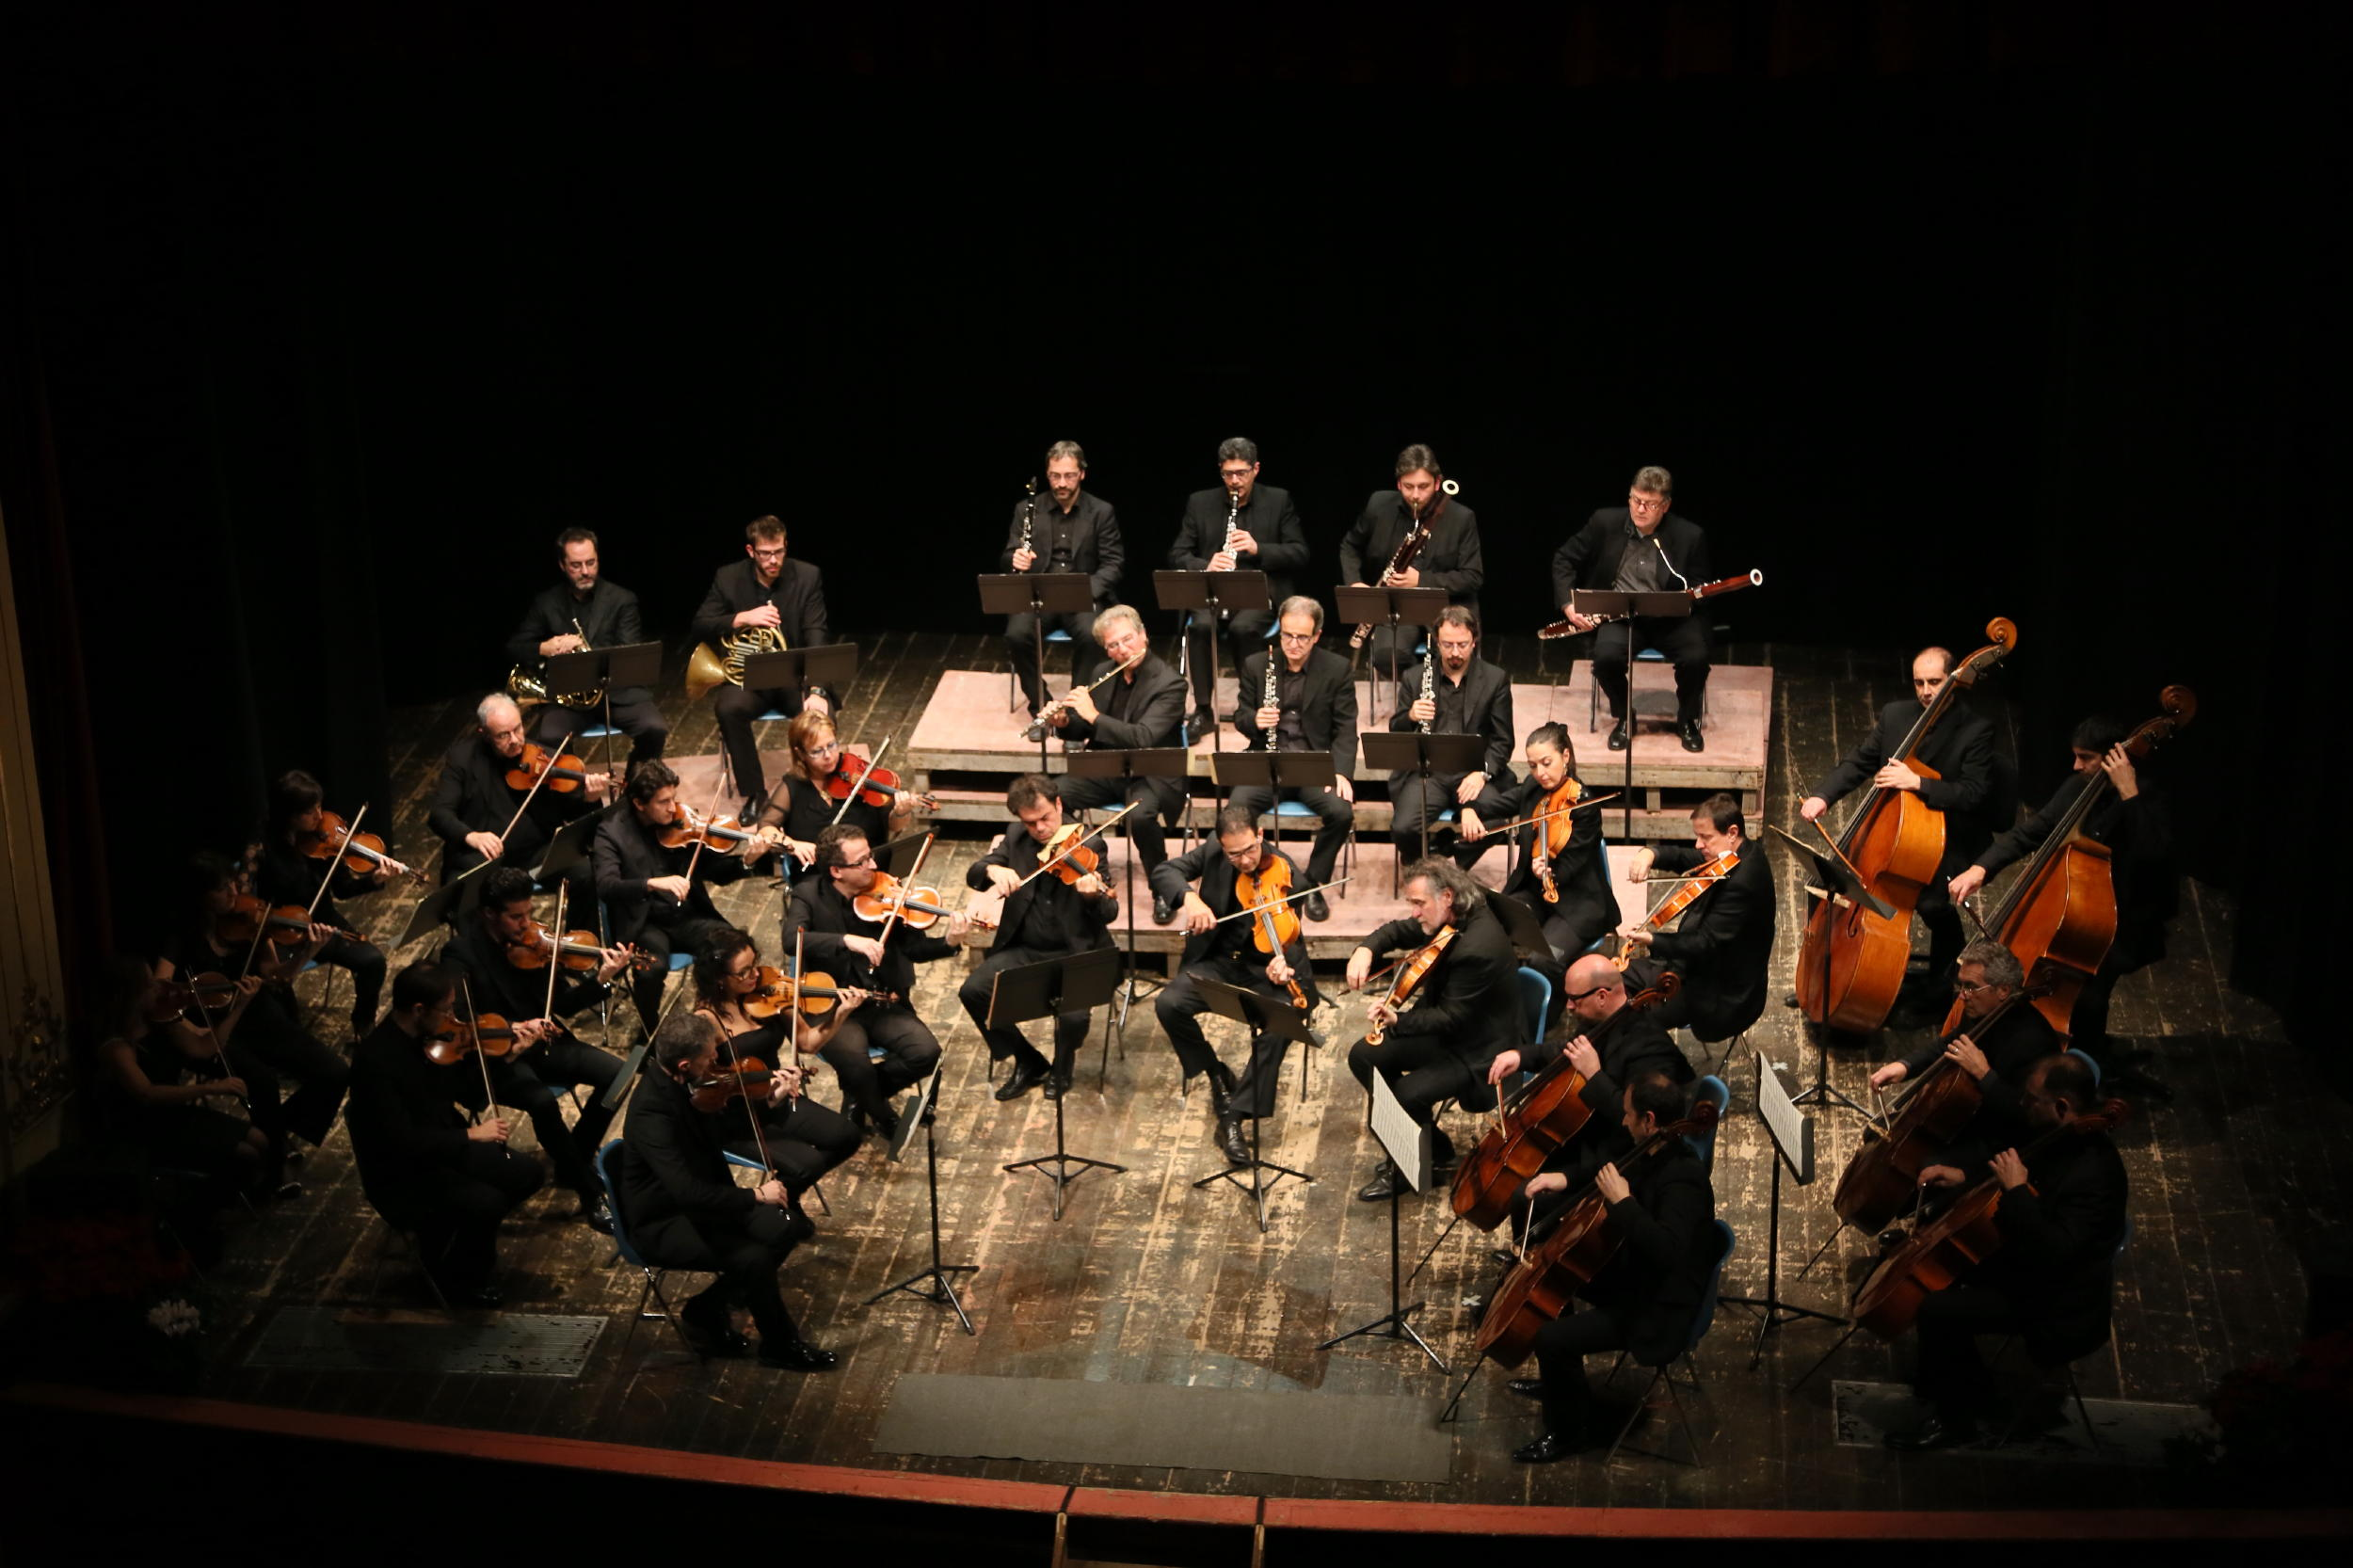 """Macerata, family concert """"Passione per la musica"""" al Lauro Rossi"""